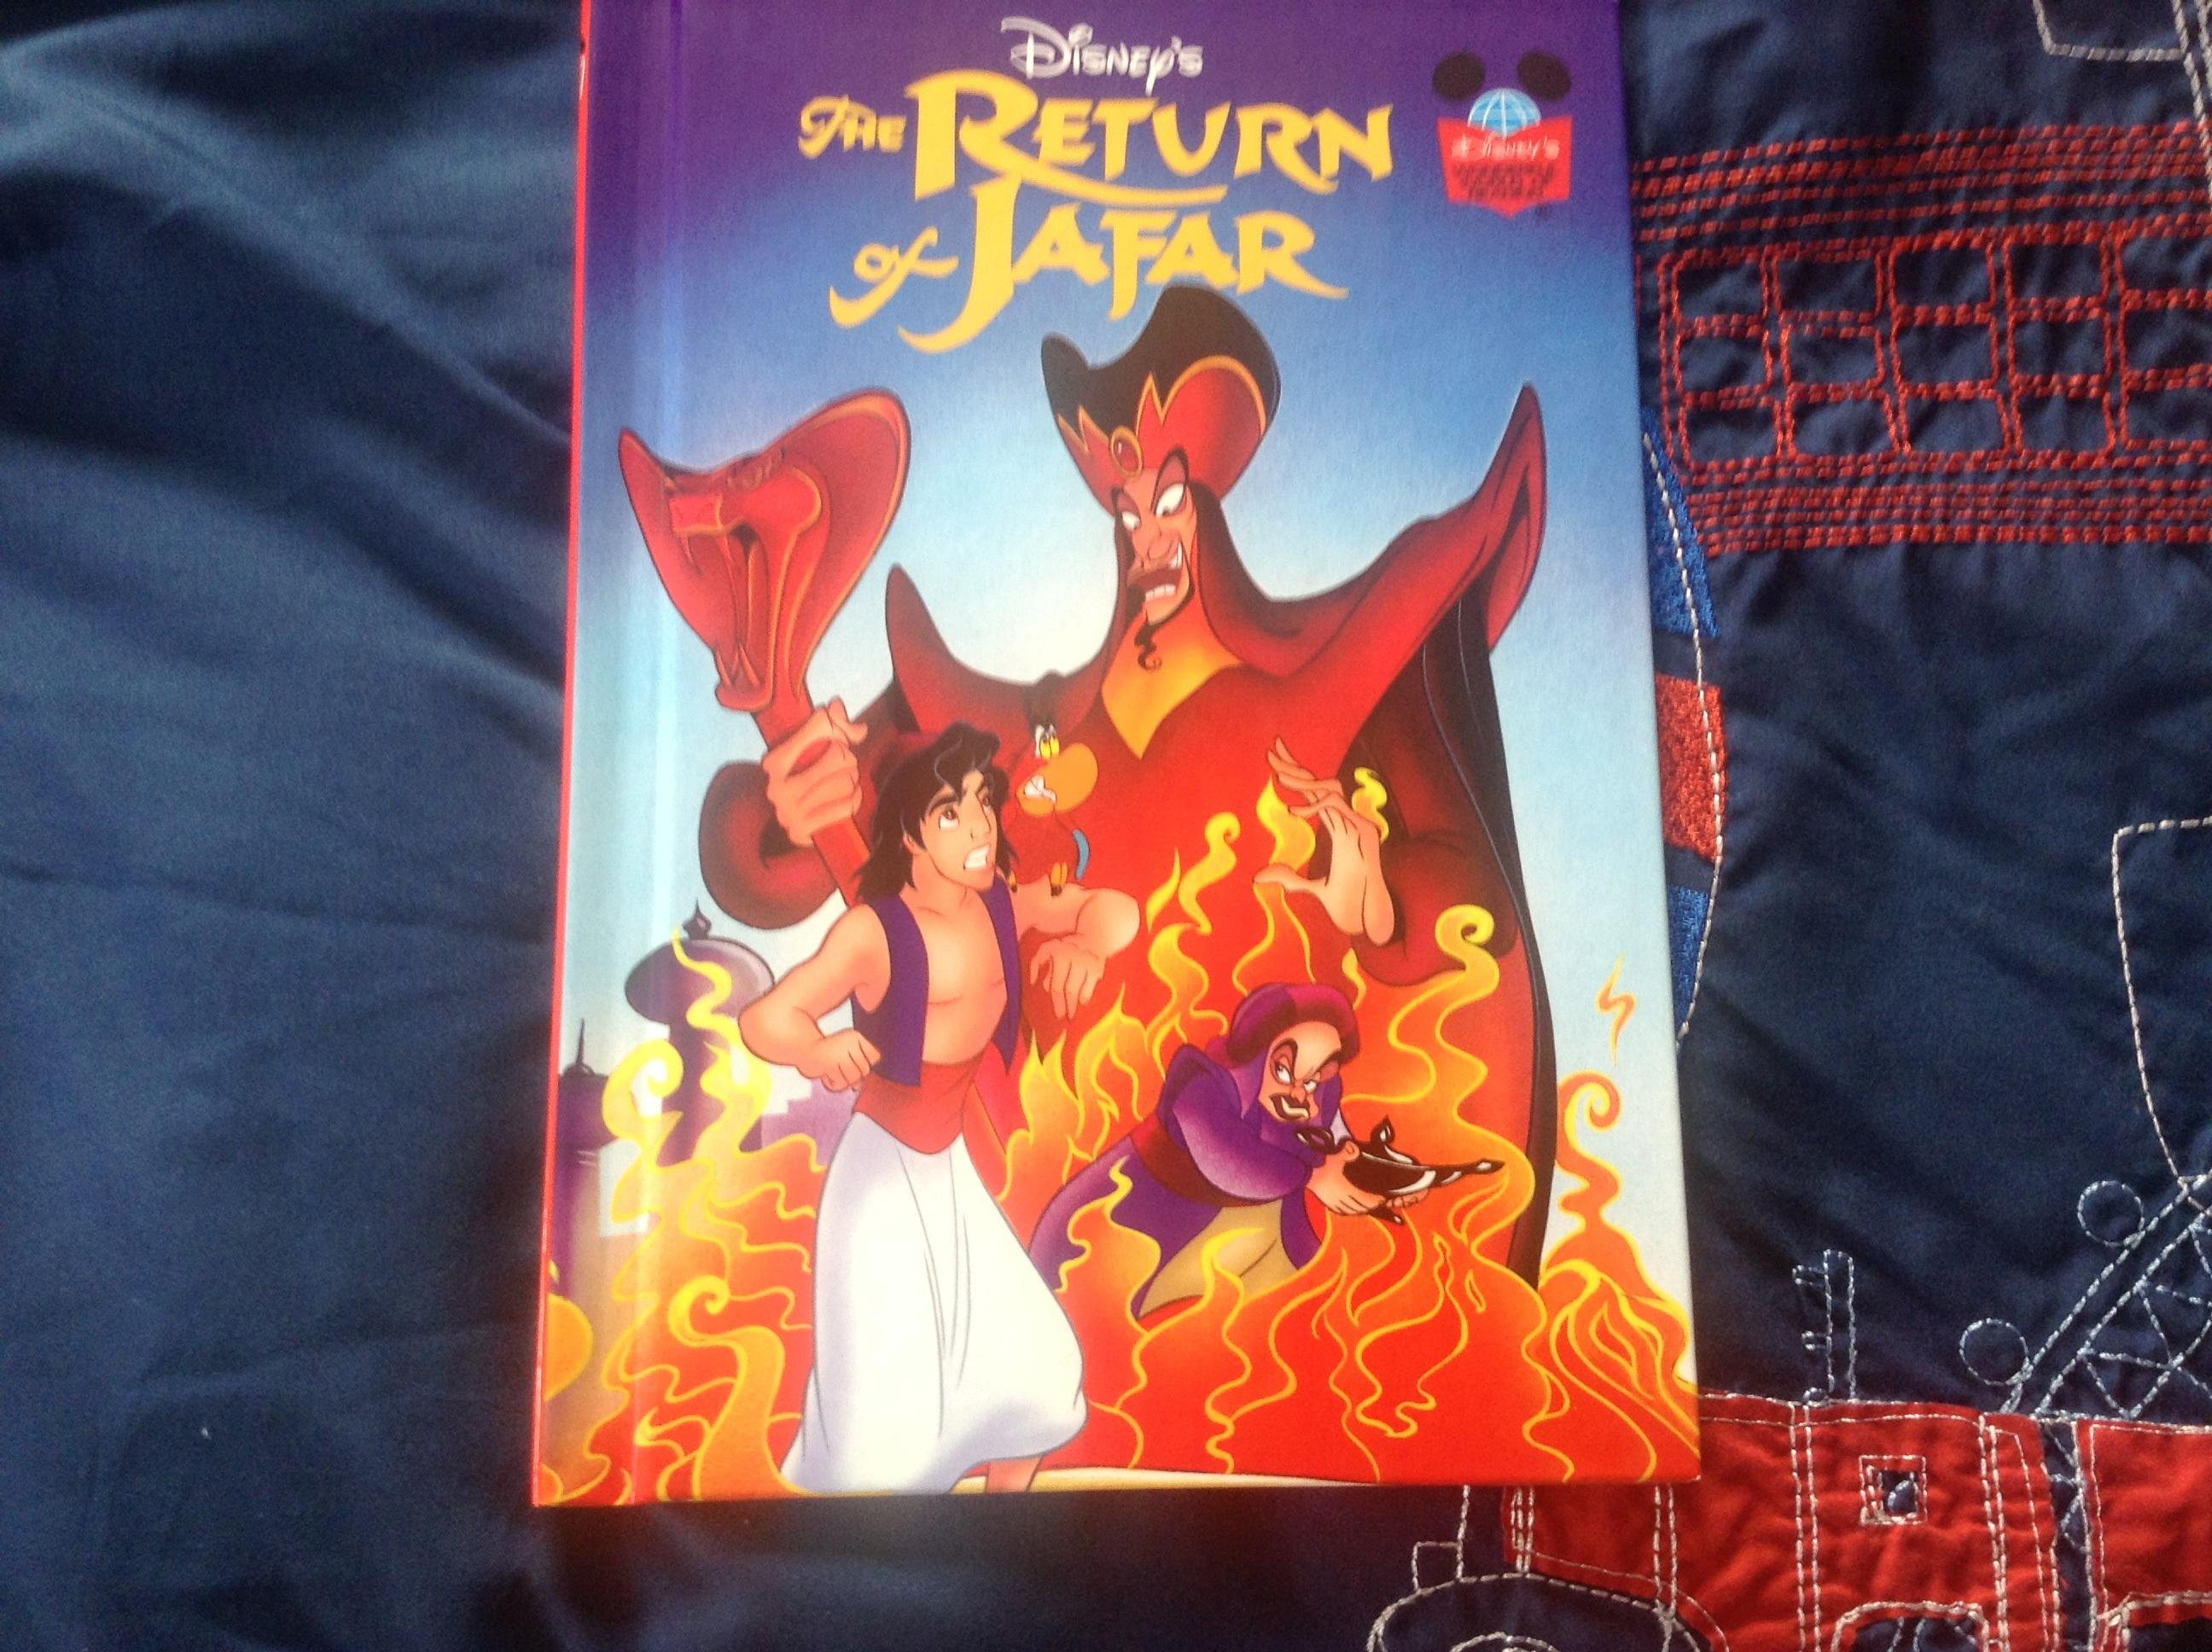 The Return of Jafar Book (1995)